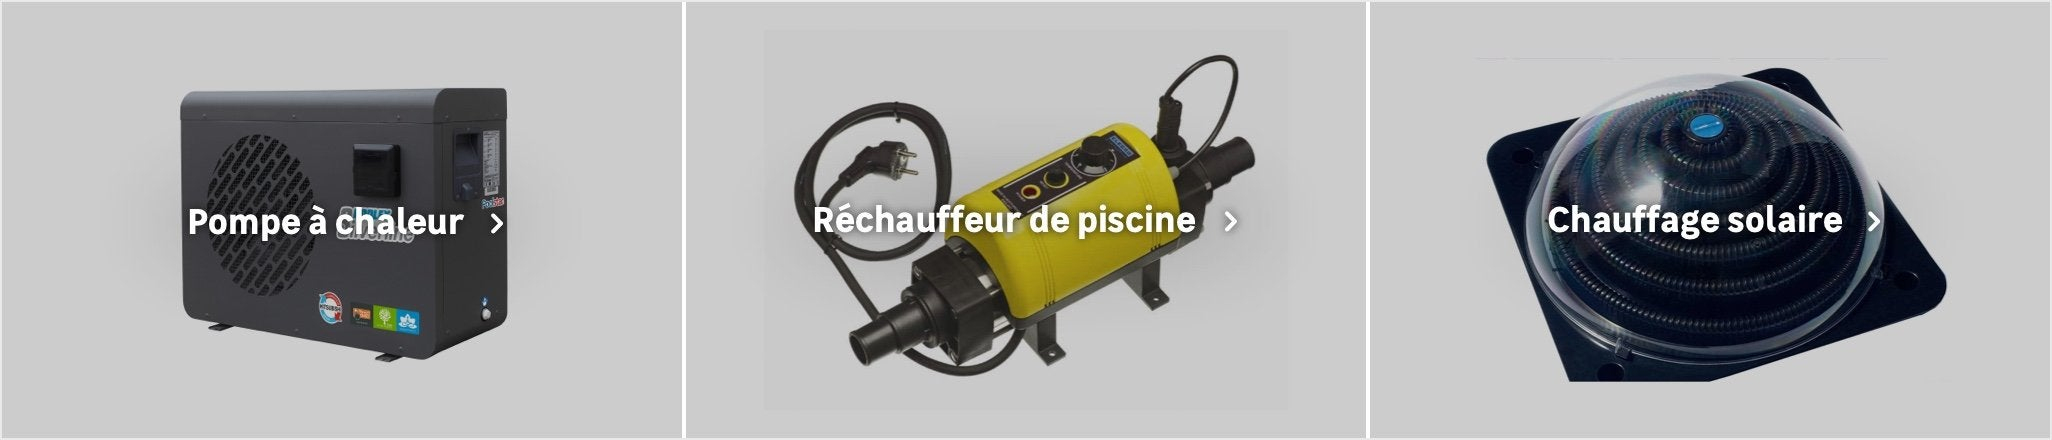 Rechauffeur Piscine Electrique Au Meilleur Prix | Leroy Merlin pour Pompe Piscine Intex Leroy Merlin